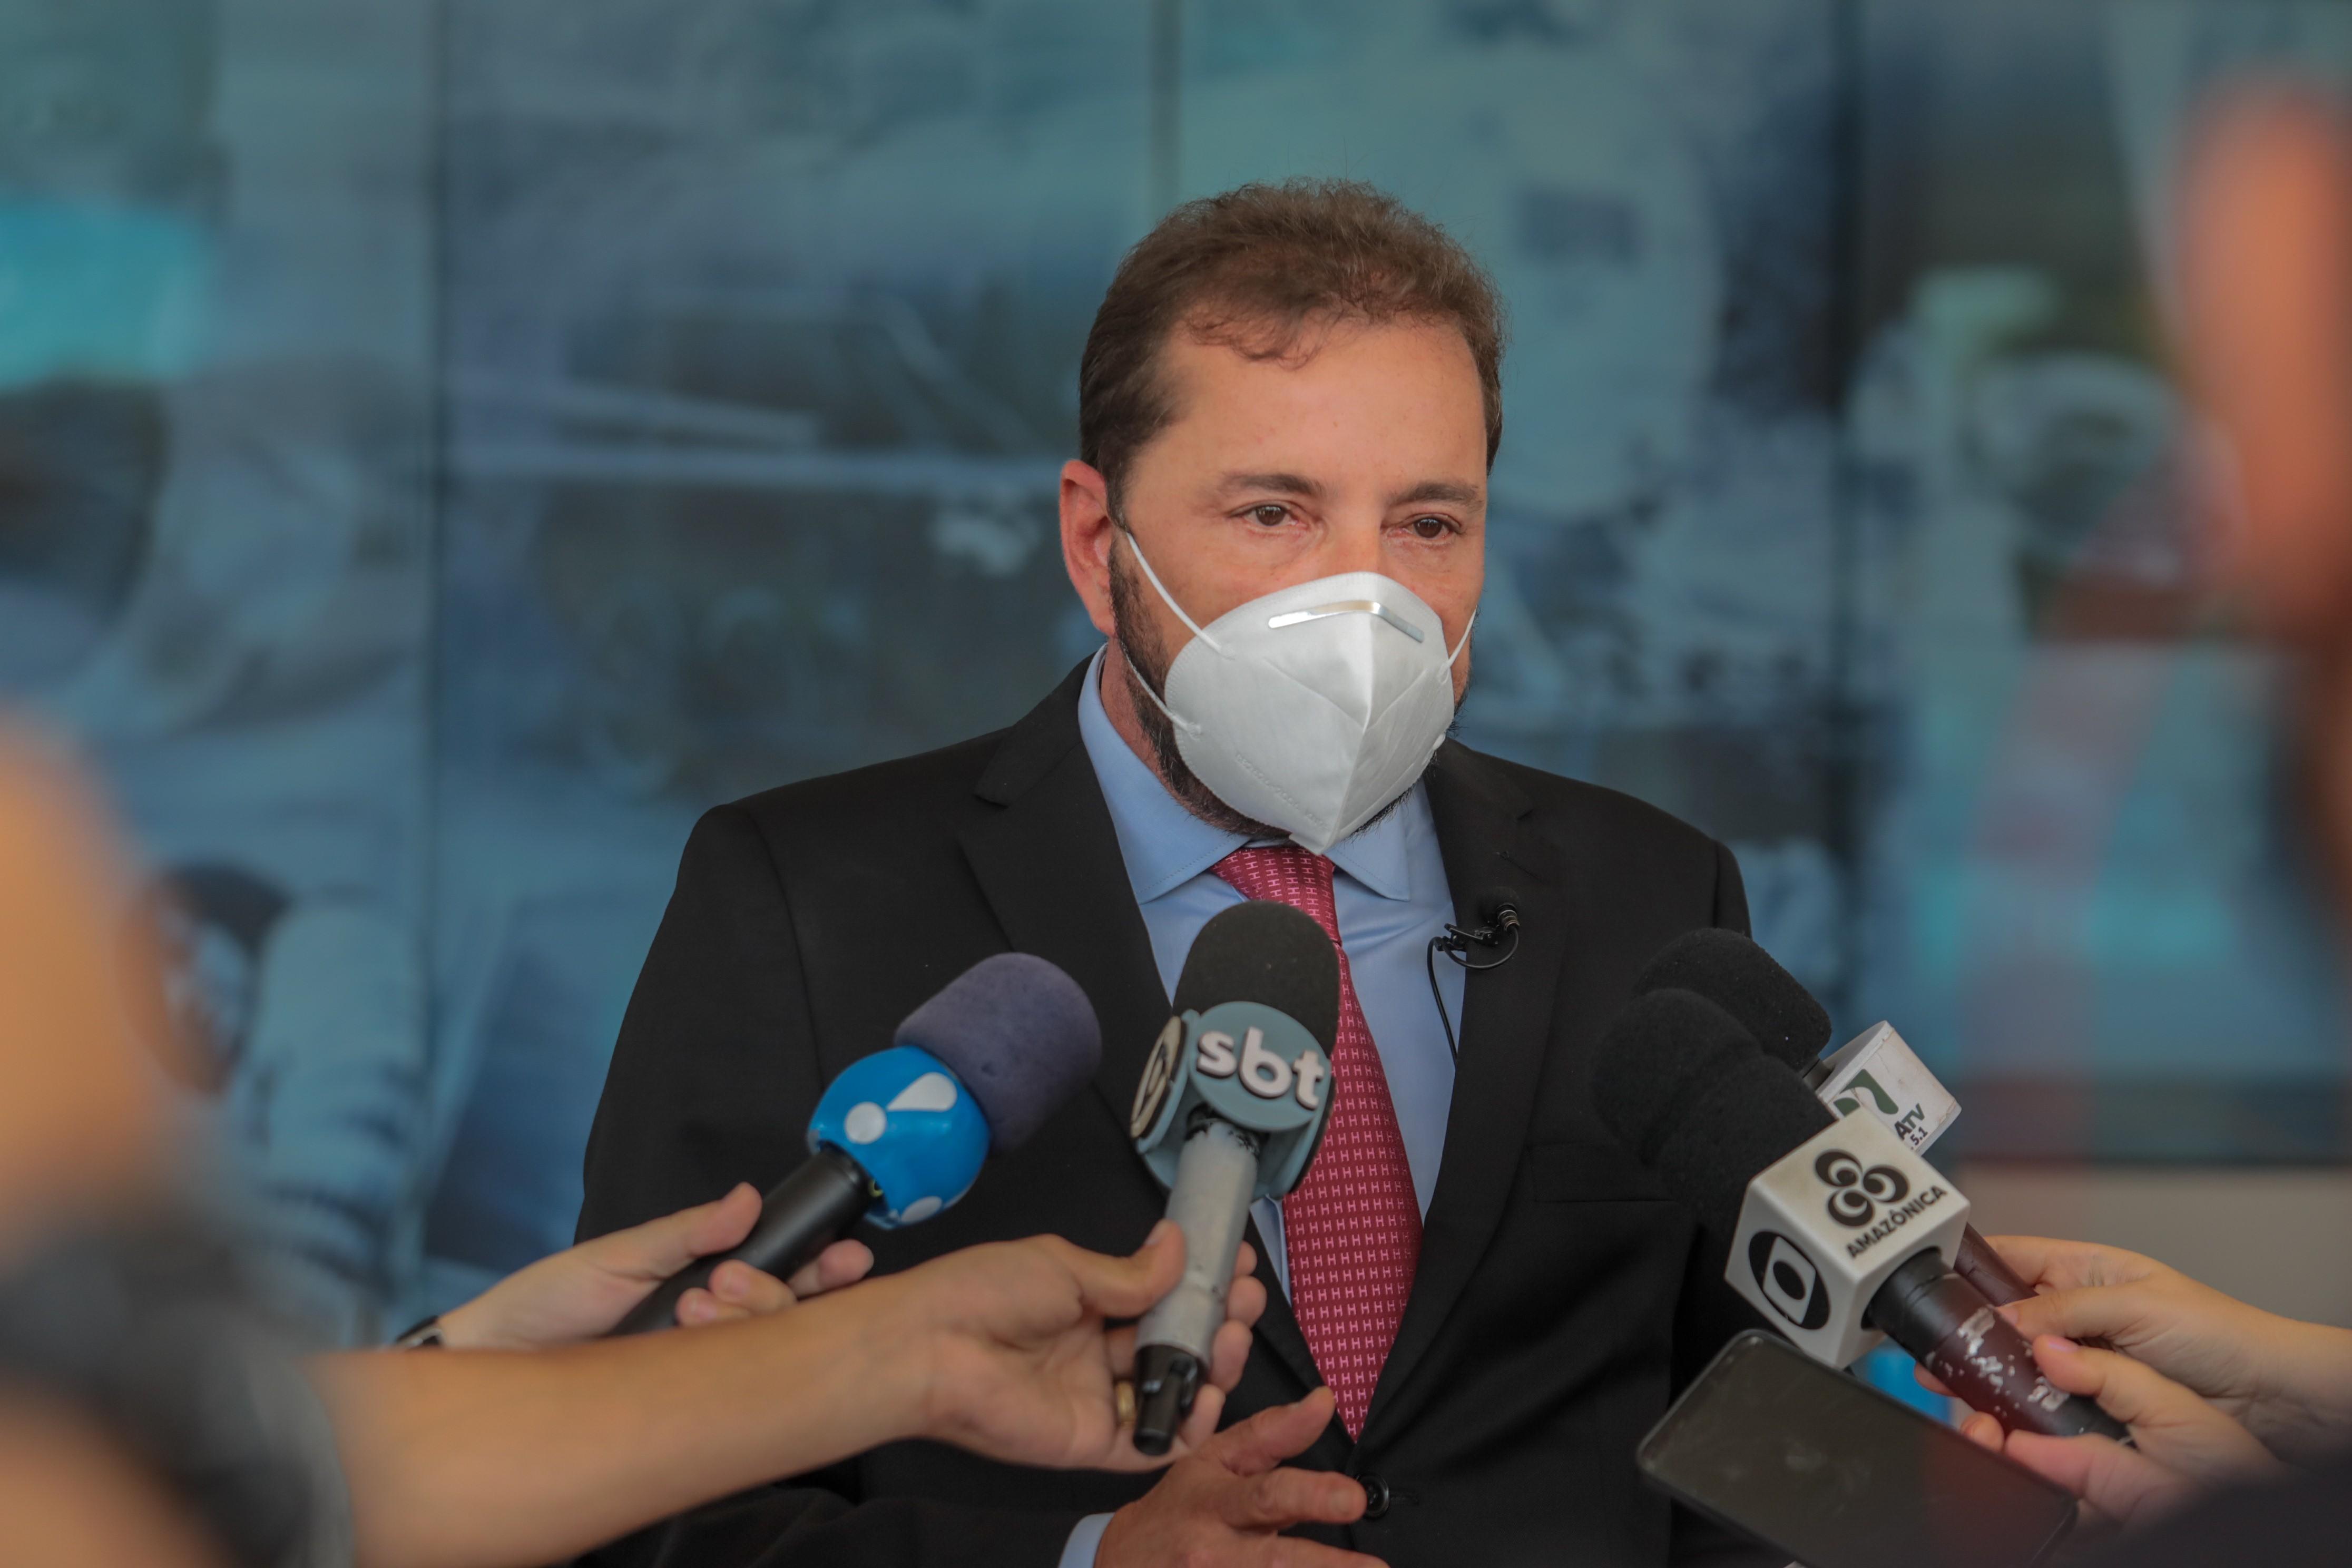 Hildon Chaves anuncia que vai liberar eventos de grande porte em Porto Velho, mas só para os vacinados contra Covid